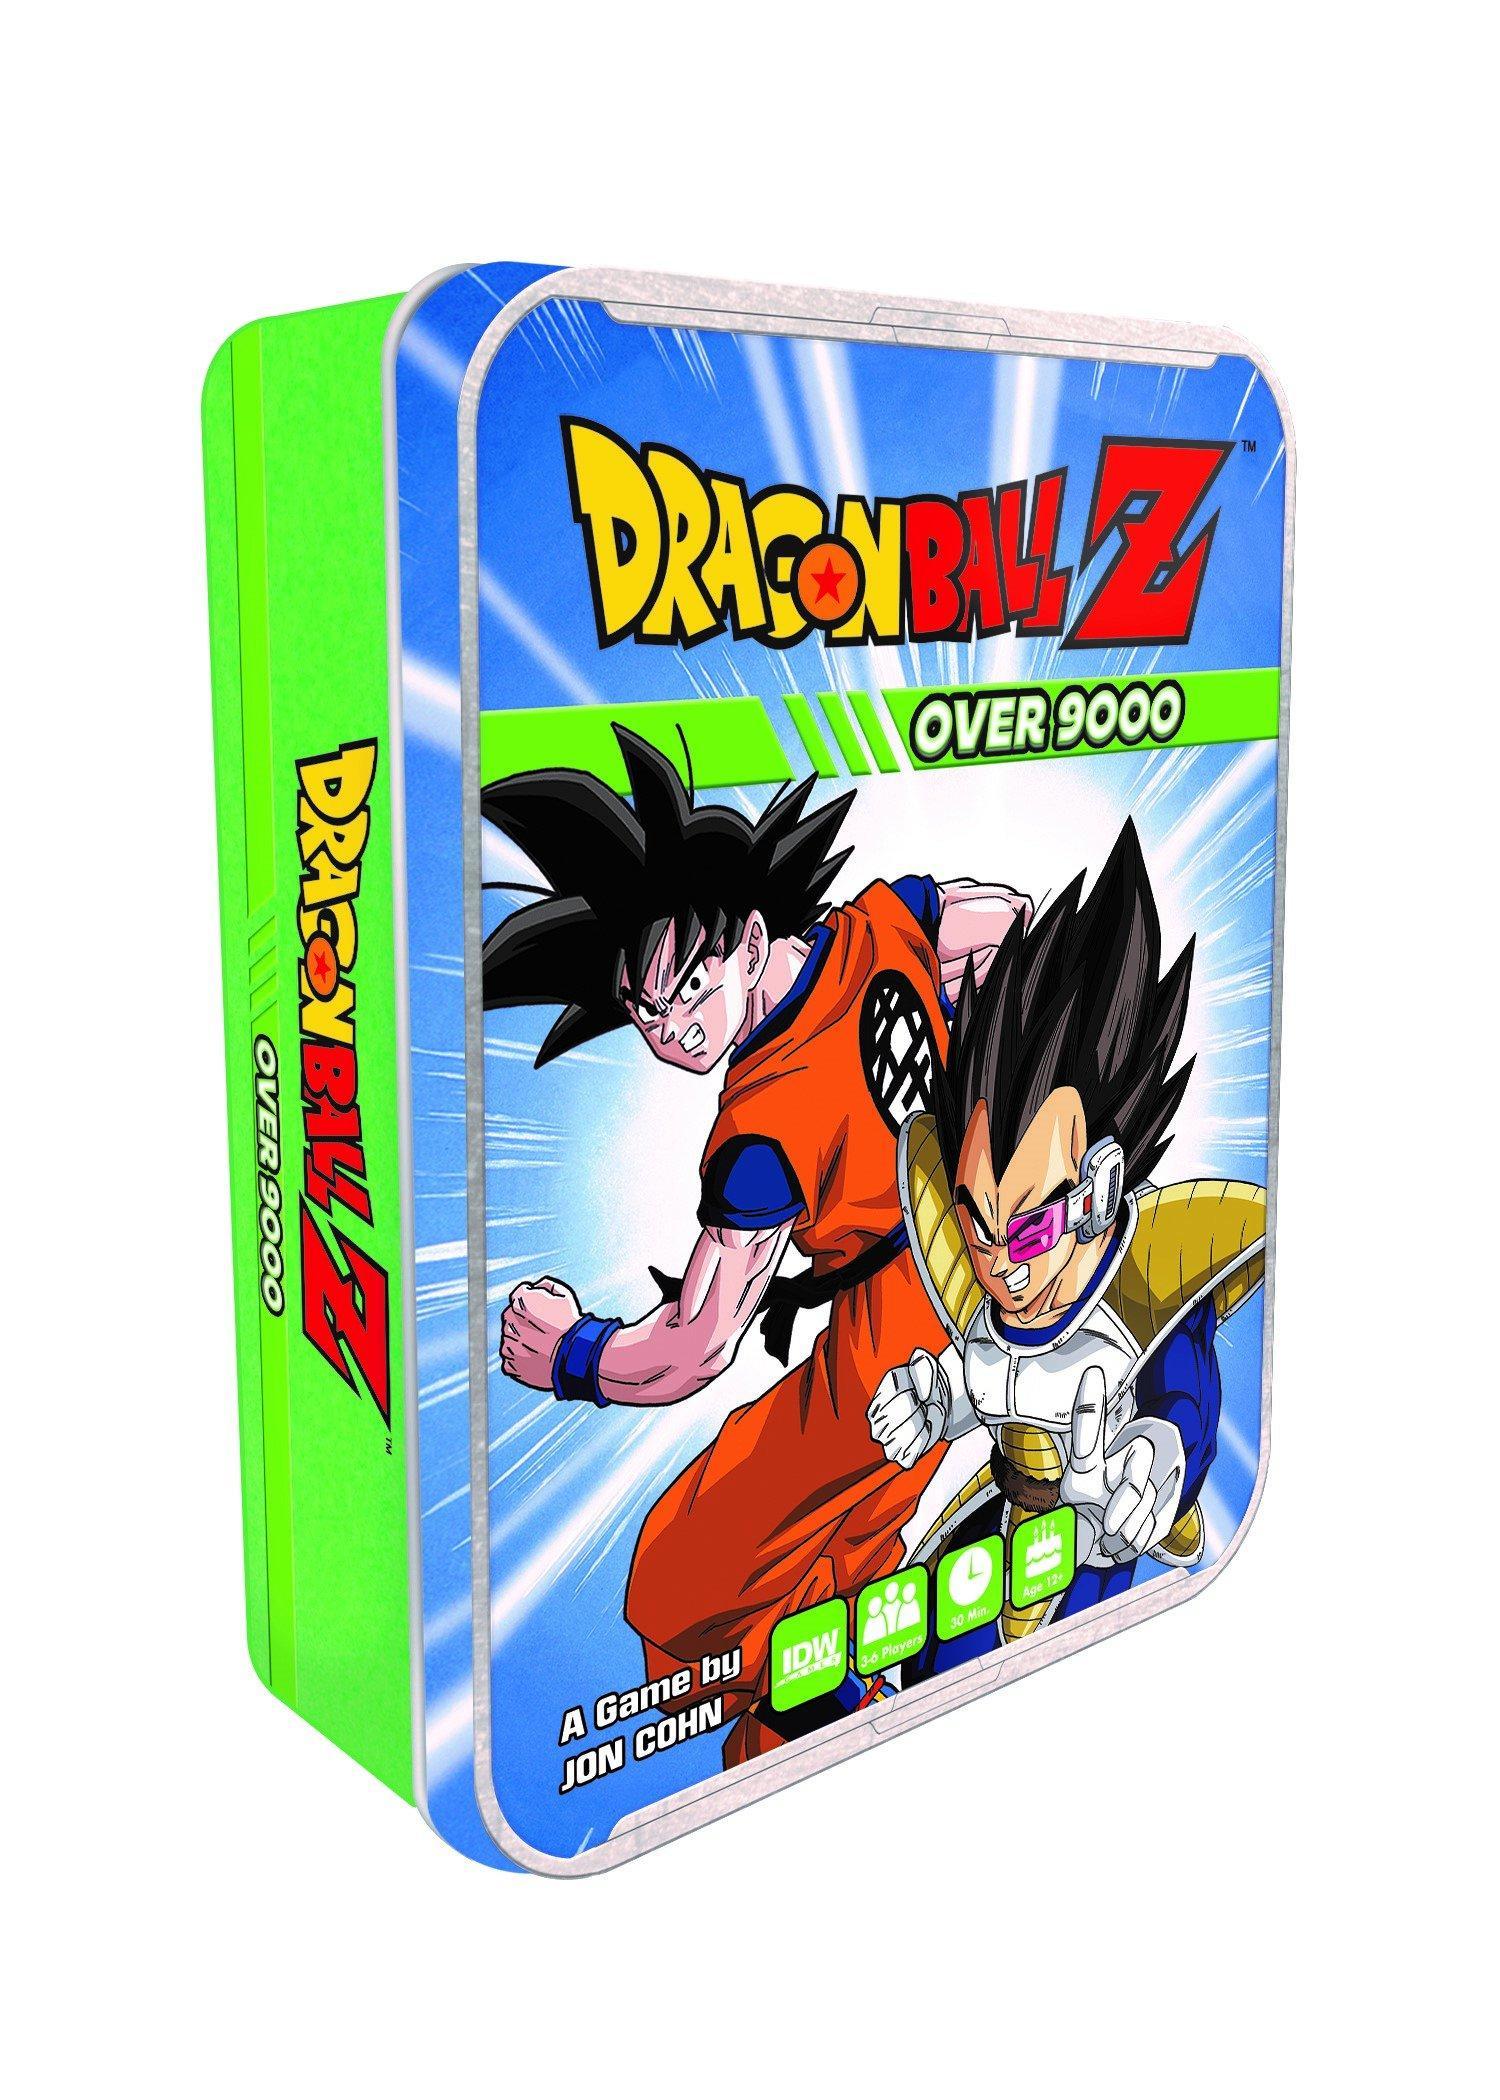 Dragon Ball Z Over 9000 Game Tin Gamestop